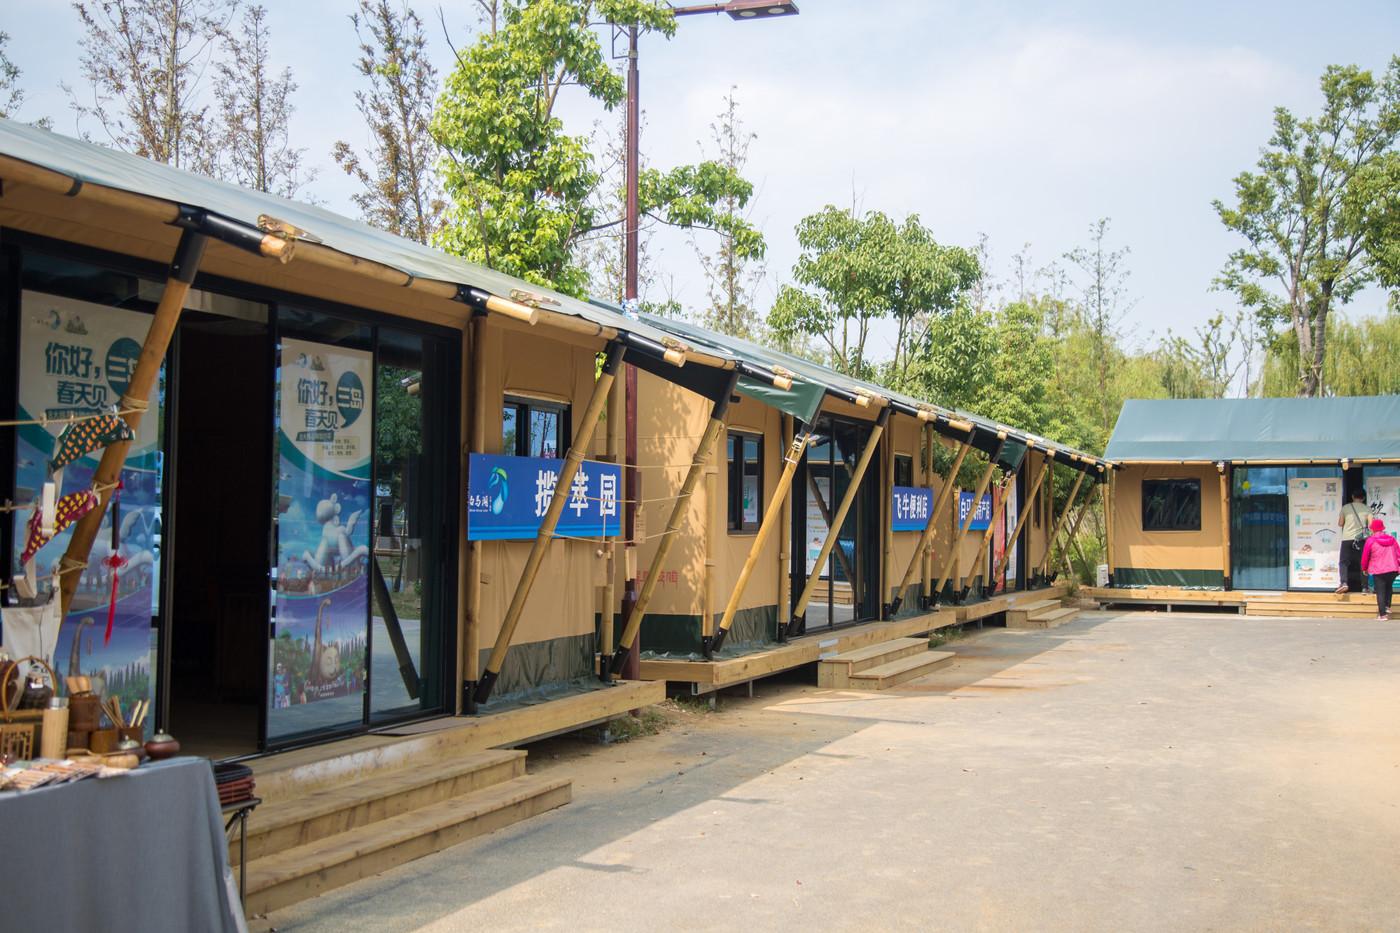 喜马拉雅野奢帐篷酒店—淮安白马湖度假区商铺12